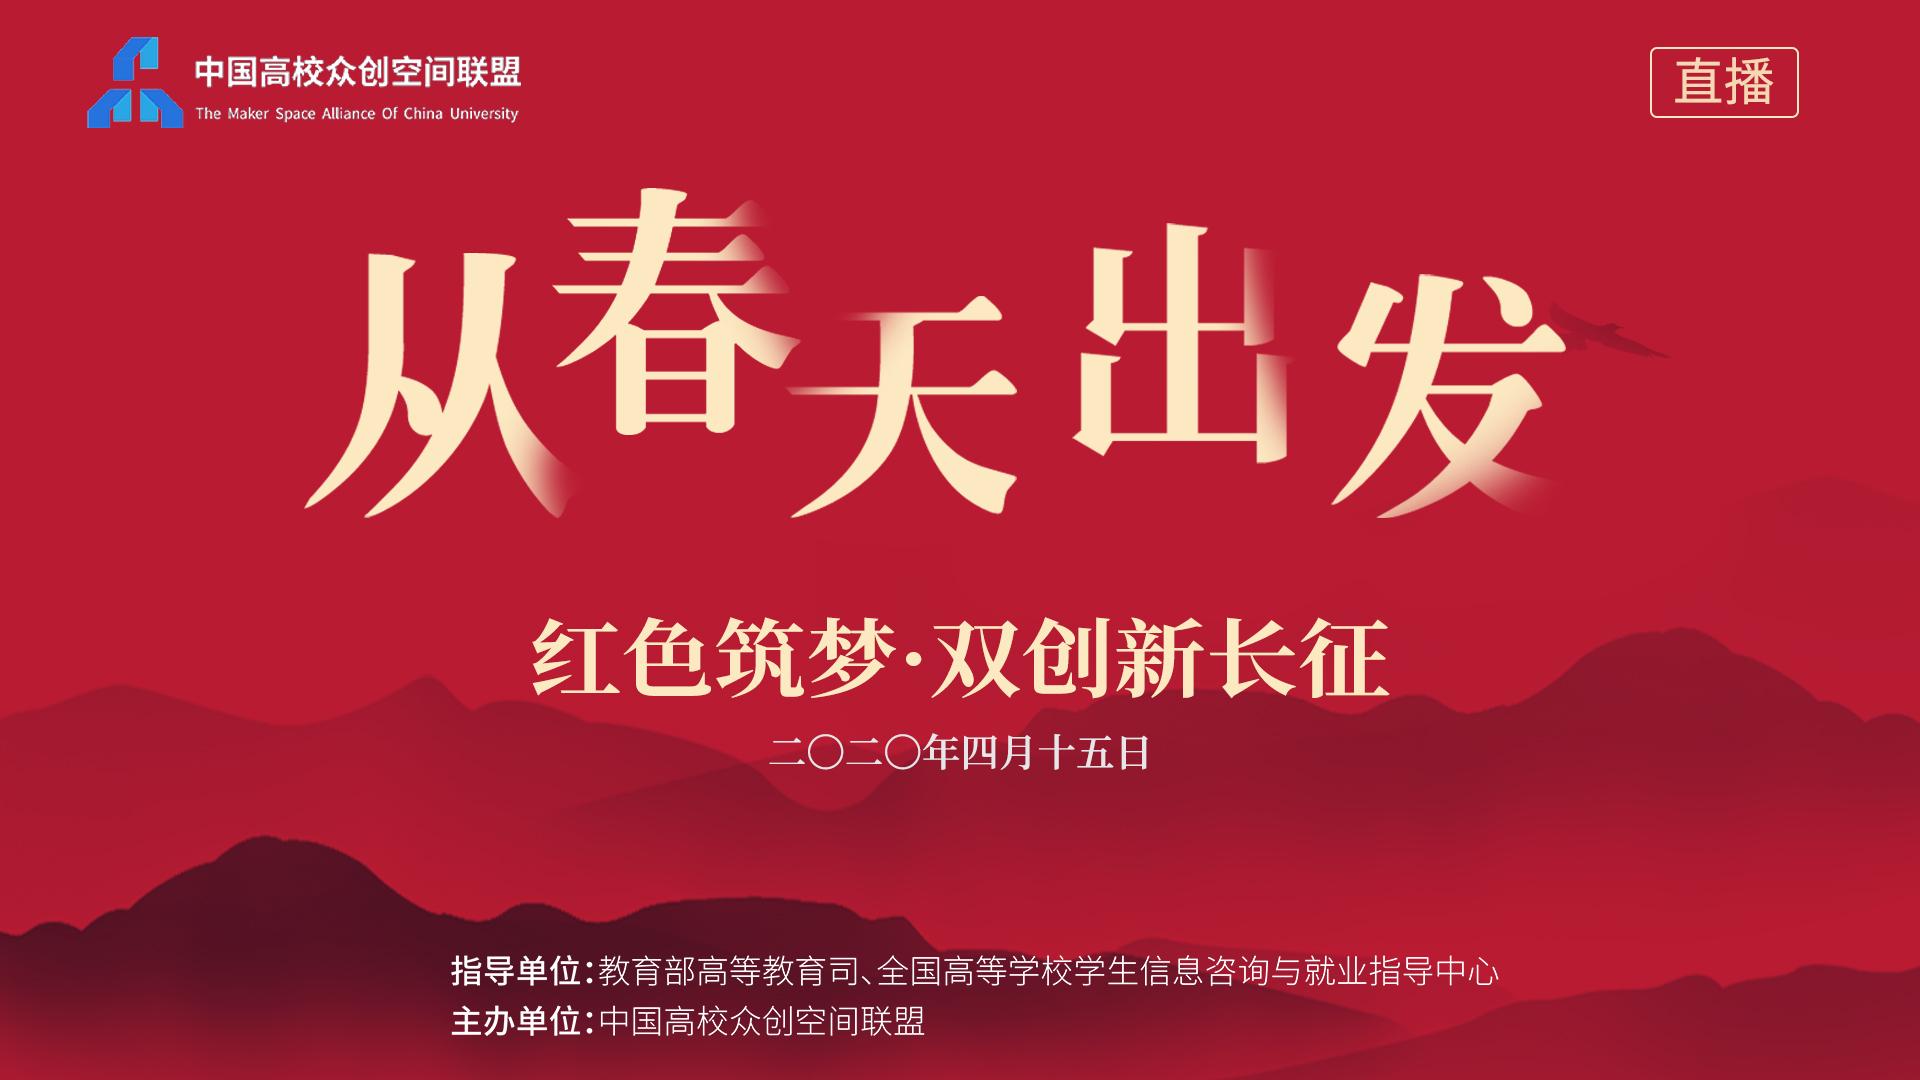 """从春天出发! """"红色筑梦·双创新长征""""活动向全国高校师生发出双创号召"""